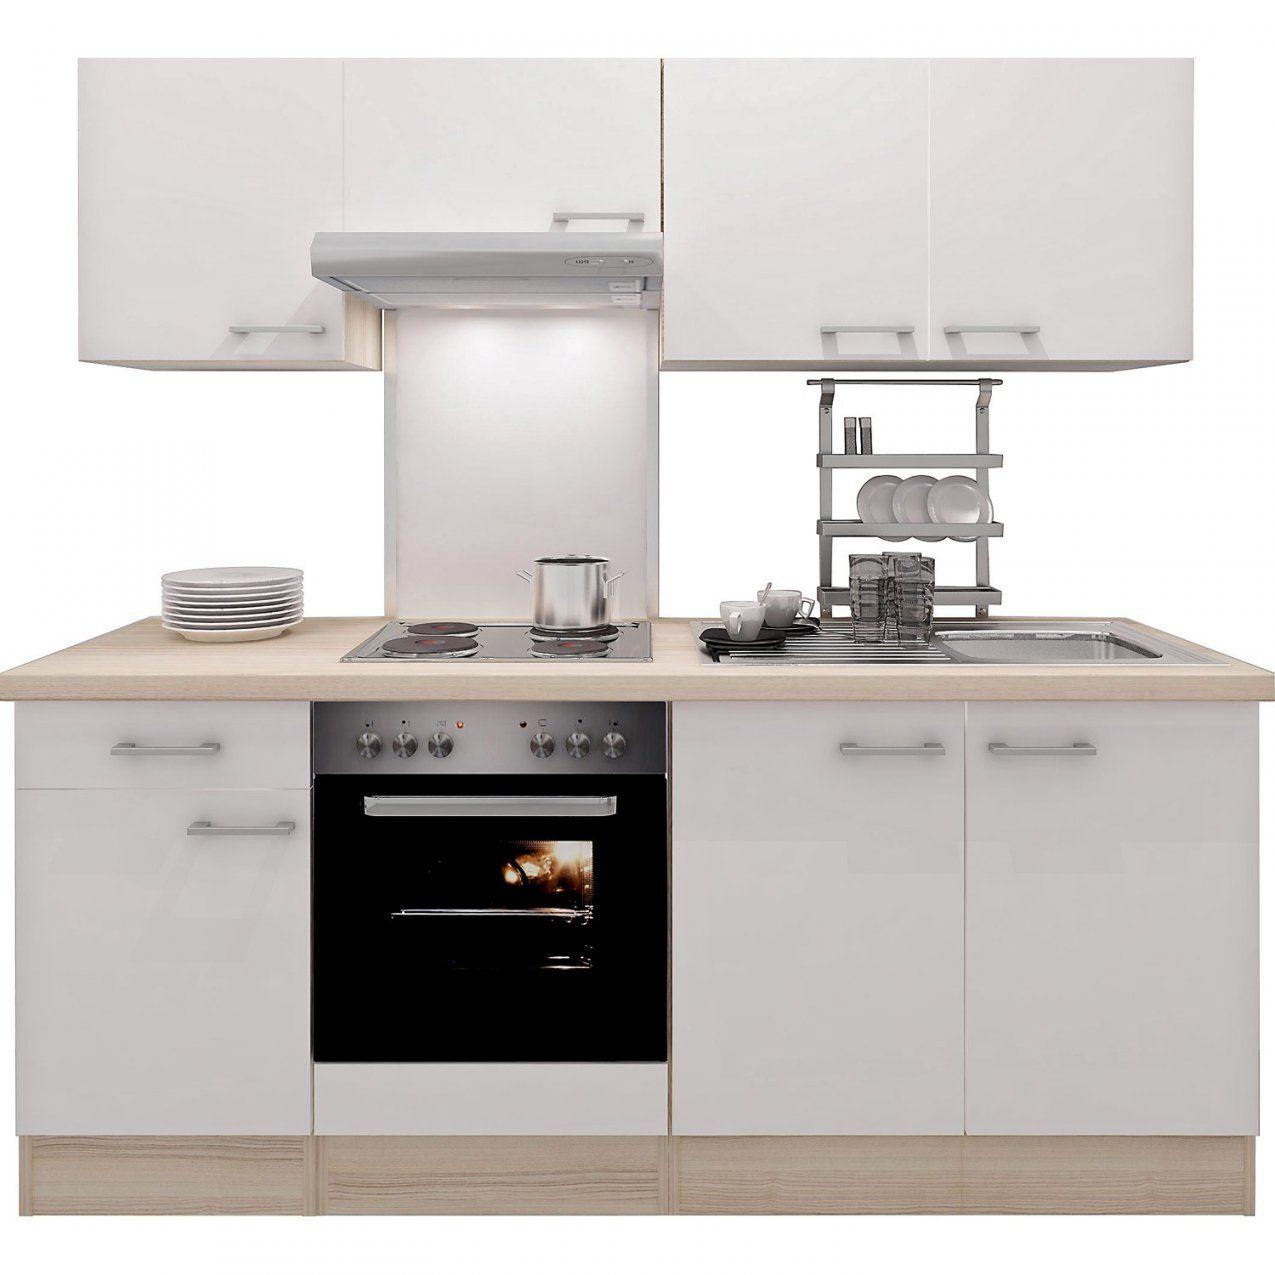 Küchenzeilen & Miniküchen Günstig Online Kaufen Bei Obi von Küchenzeile Mit Geschirrspüler Ohne Kühlschrank Bild